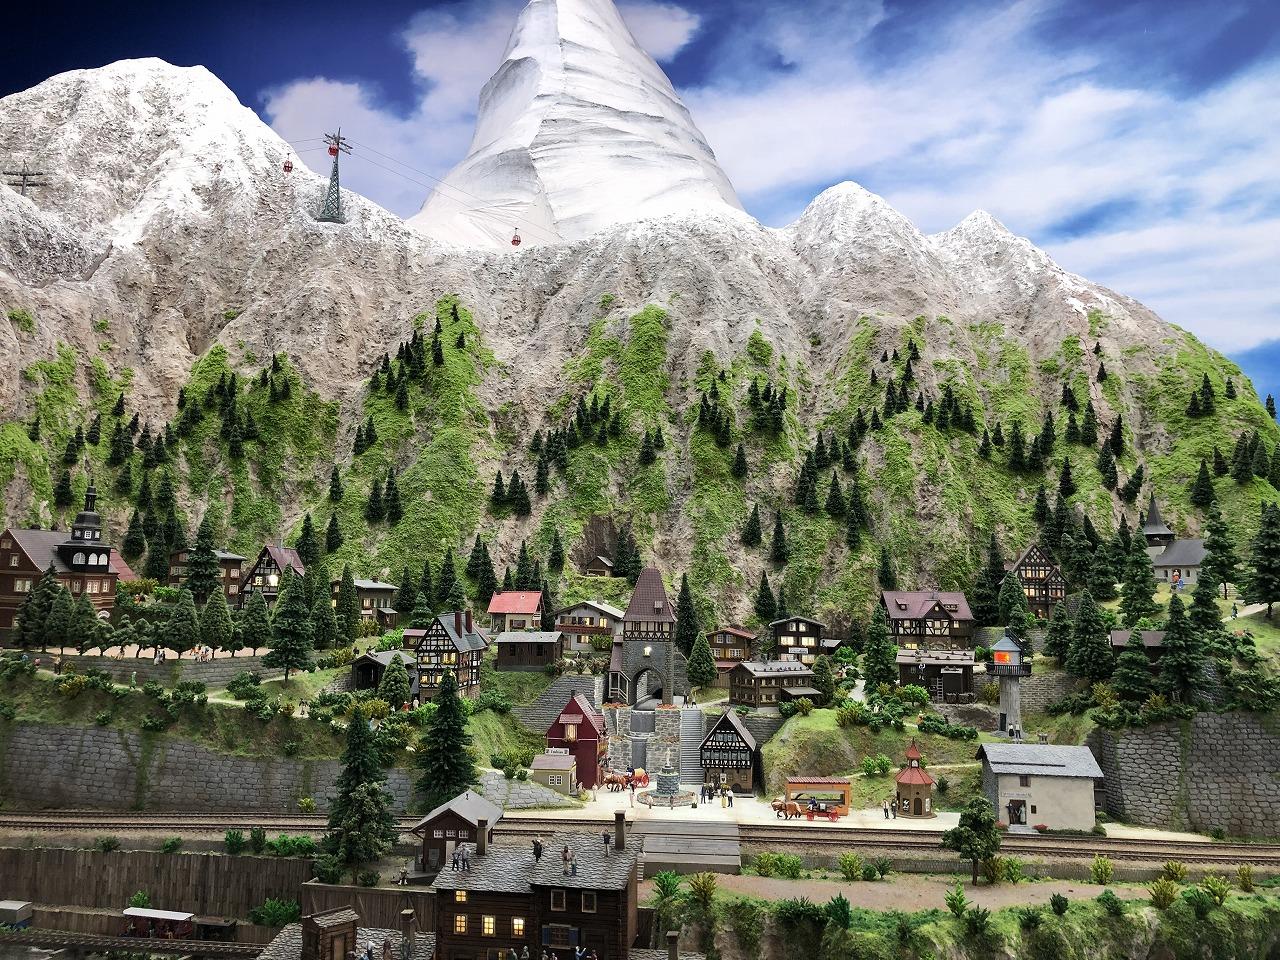 聳え立つ雪山と街並み